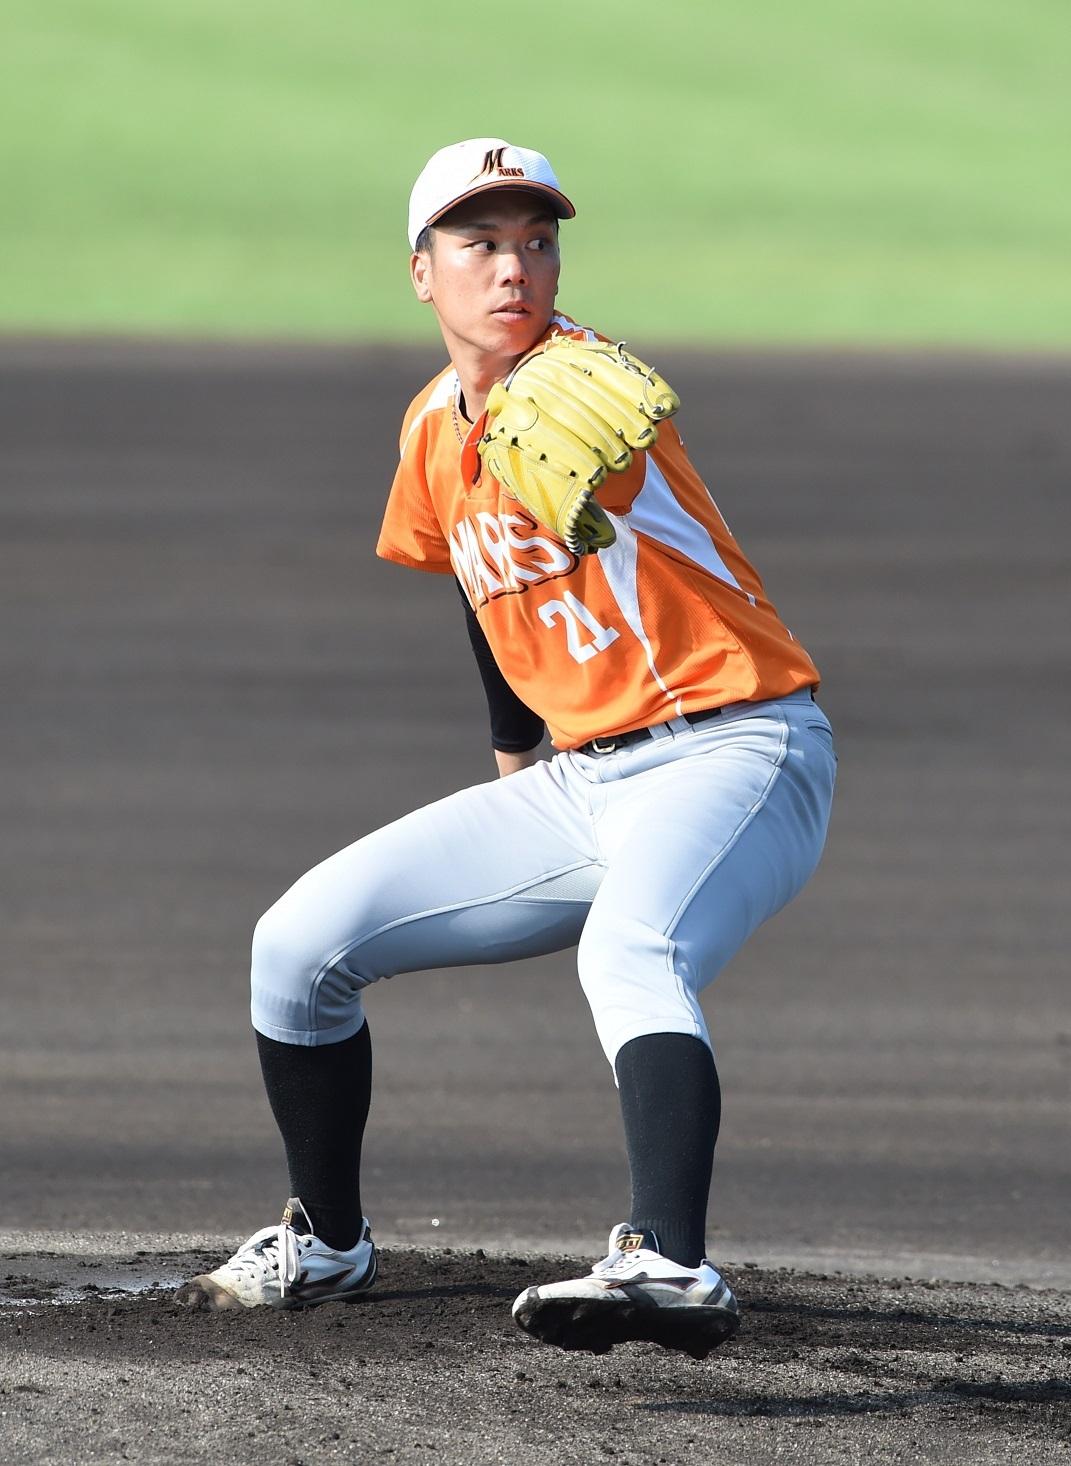 東北マークスの先発は、2018年までNTT西日本に在籍した李 基成が務めた。